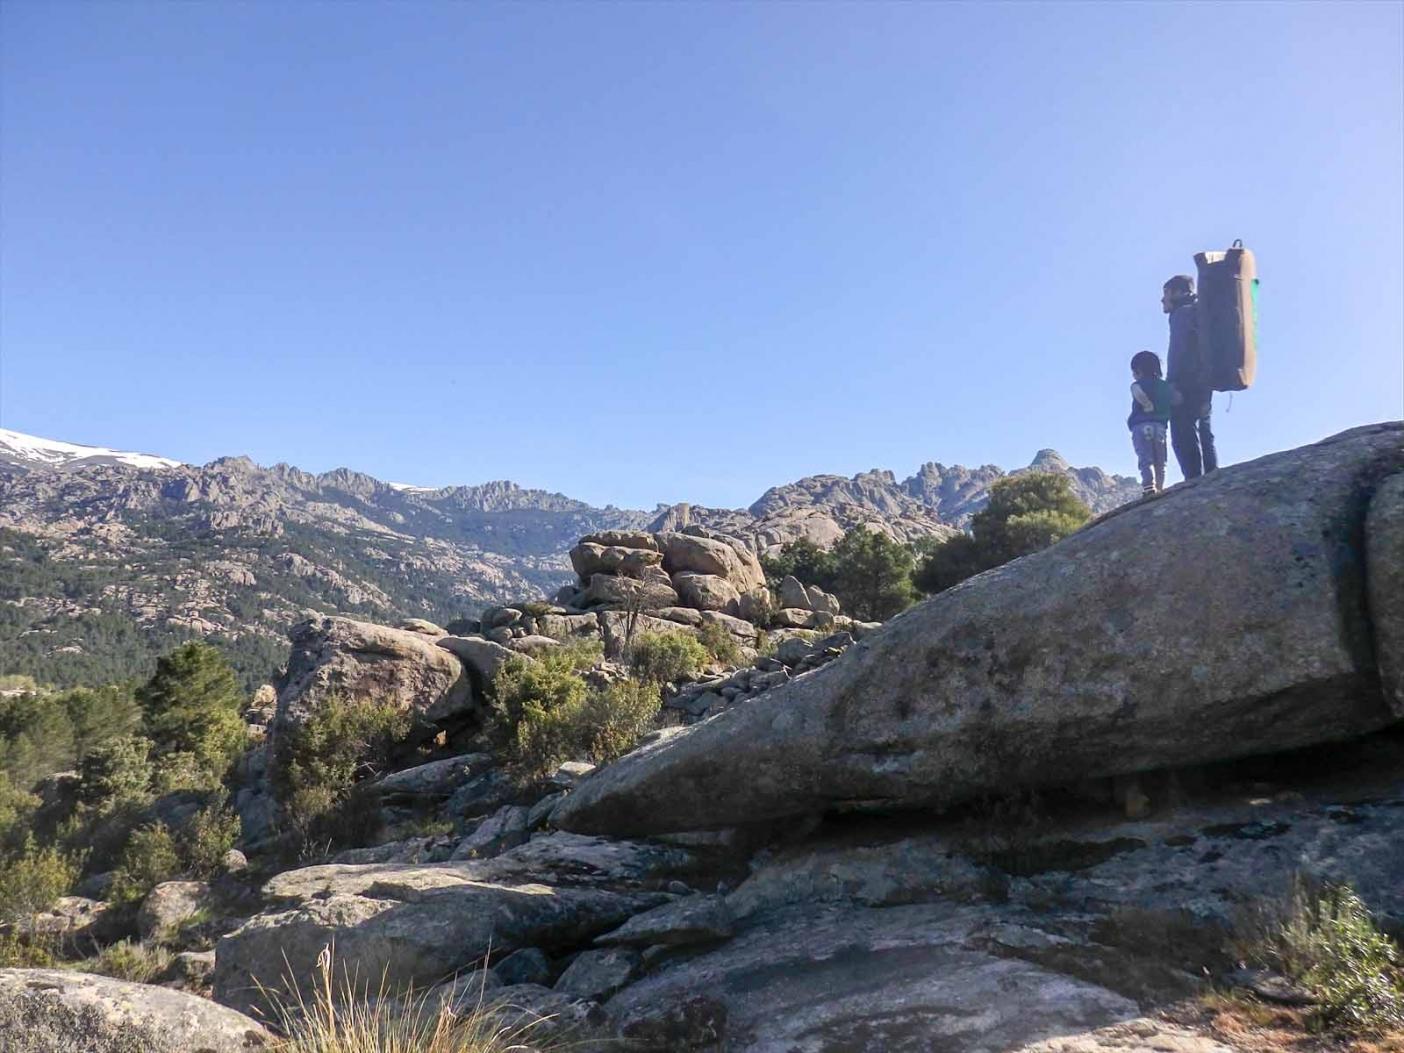 無限に広がるペドリーサの花崗岩。写真:横山勝丘